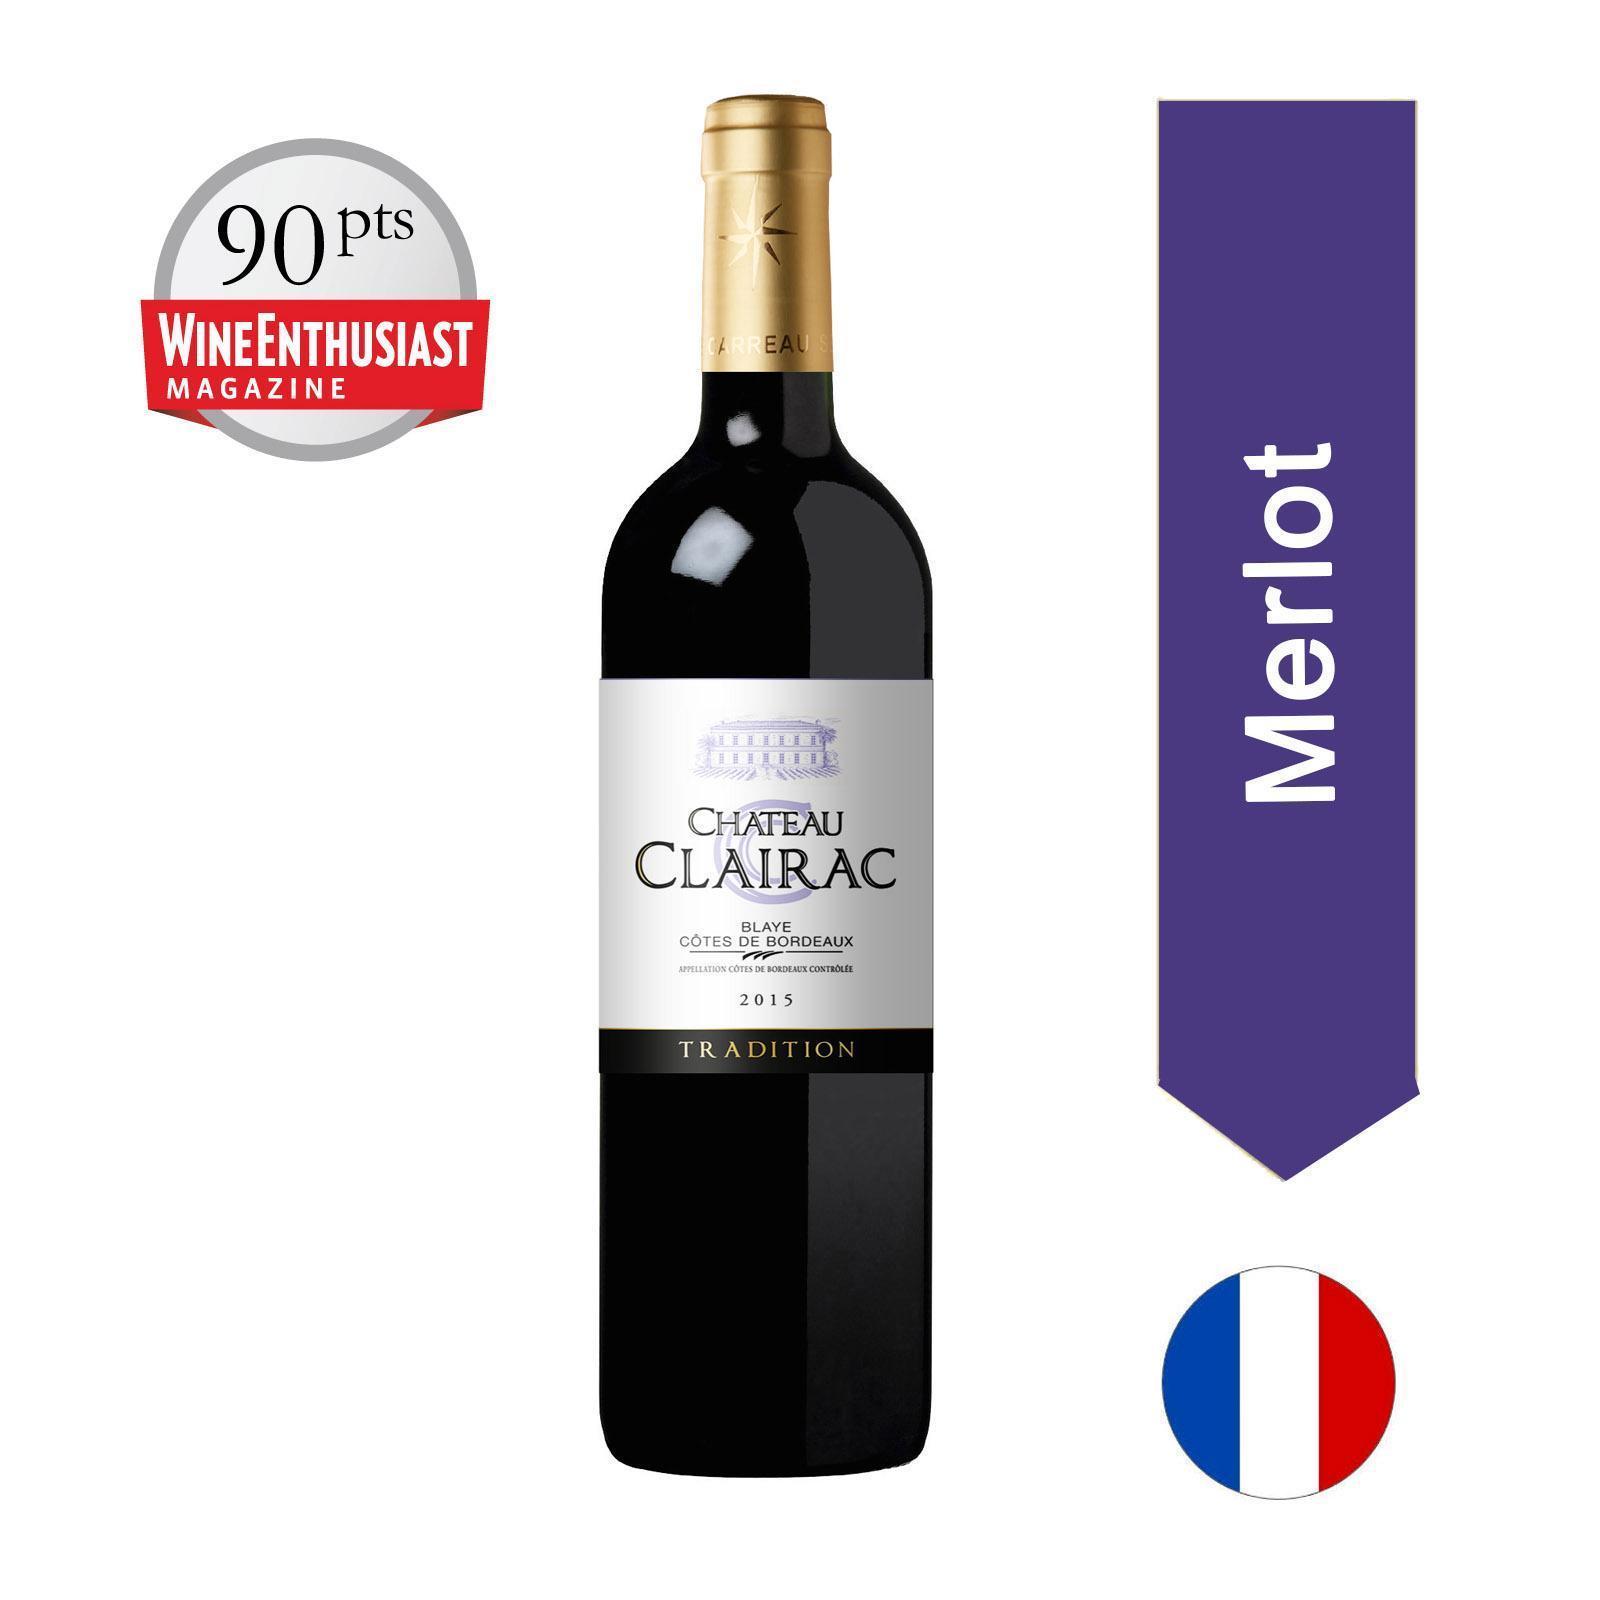 Chateau de Clairac - Blaye Cotes De Bordeaux - Merlot - 750Ml - By The Vintage Wine Club